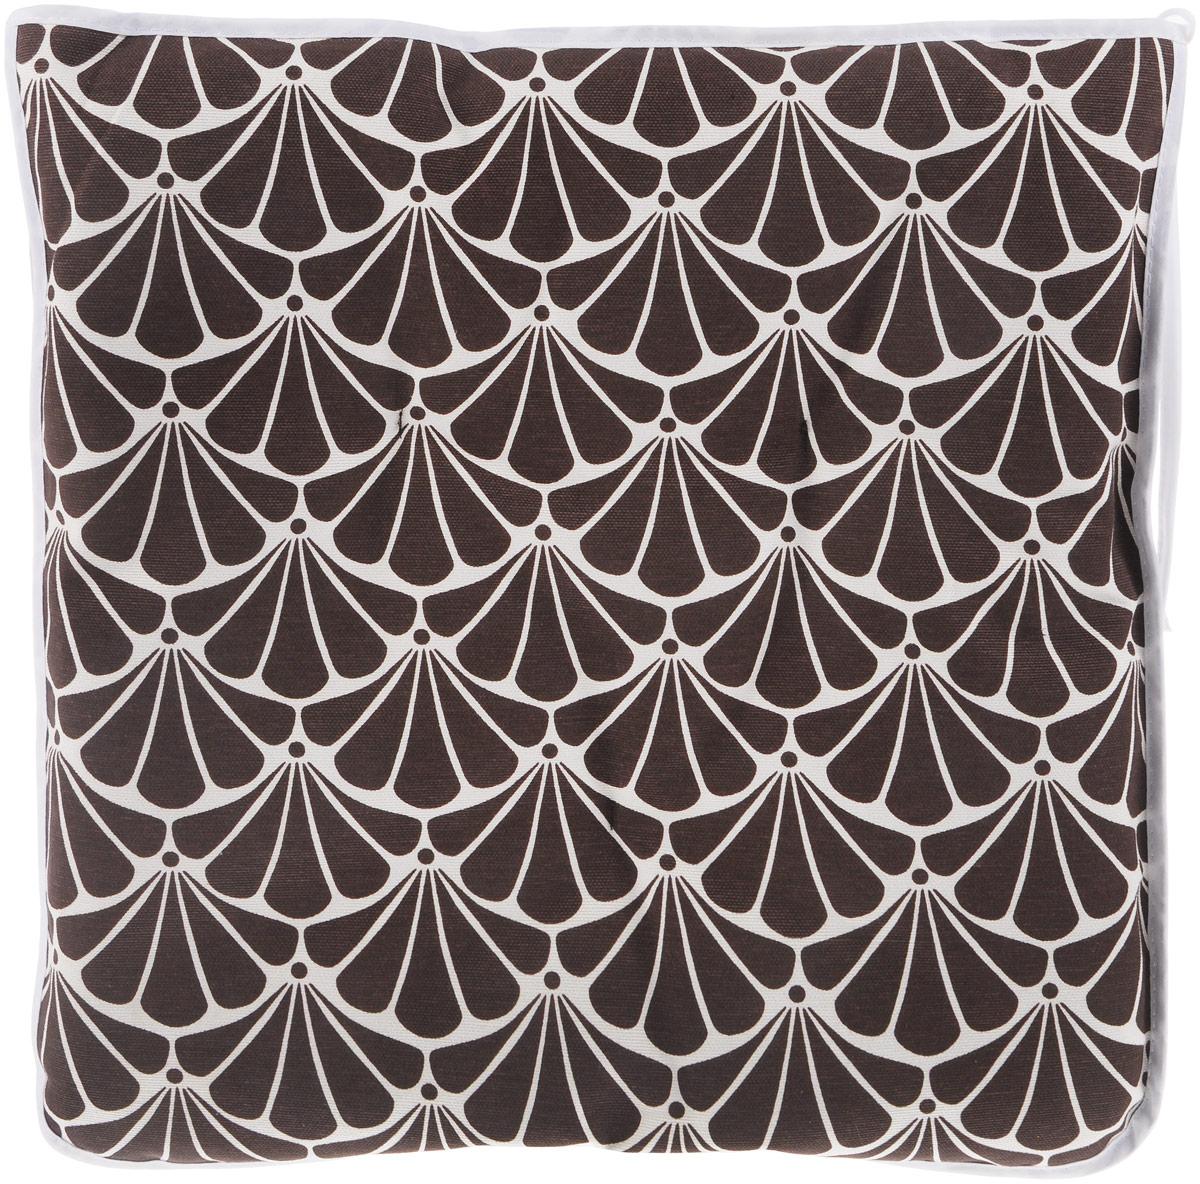 Подушка на стул KauffOrt Томный сад, цвет: коричневый, Белый, 40 x 40 см3112494140Подушка на стул KauffOrt Томный сад не только красиво дополнит интерьер кухни, но и обеспечит комфорт при сидении. Изделие выполнено из материалов высокого качества. Подушка легко крепится на стул с помощью завязок. Правильно сидеть - значит сохранить здоровье на долгие годы. Жесткие сидения подвергают наше здоровье опасности. Подушка с мягким наполнителем поможет предотвратить большинство нежелательных последствий сидячего образа жизни.Толщина подушки: 5 см.